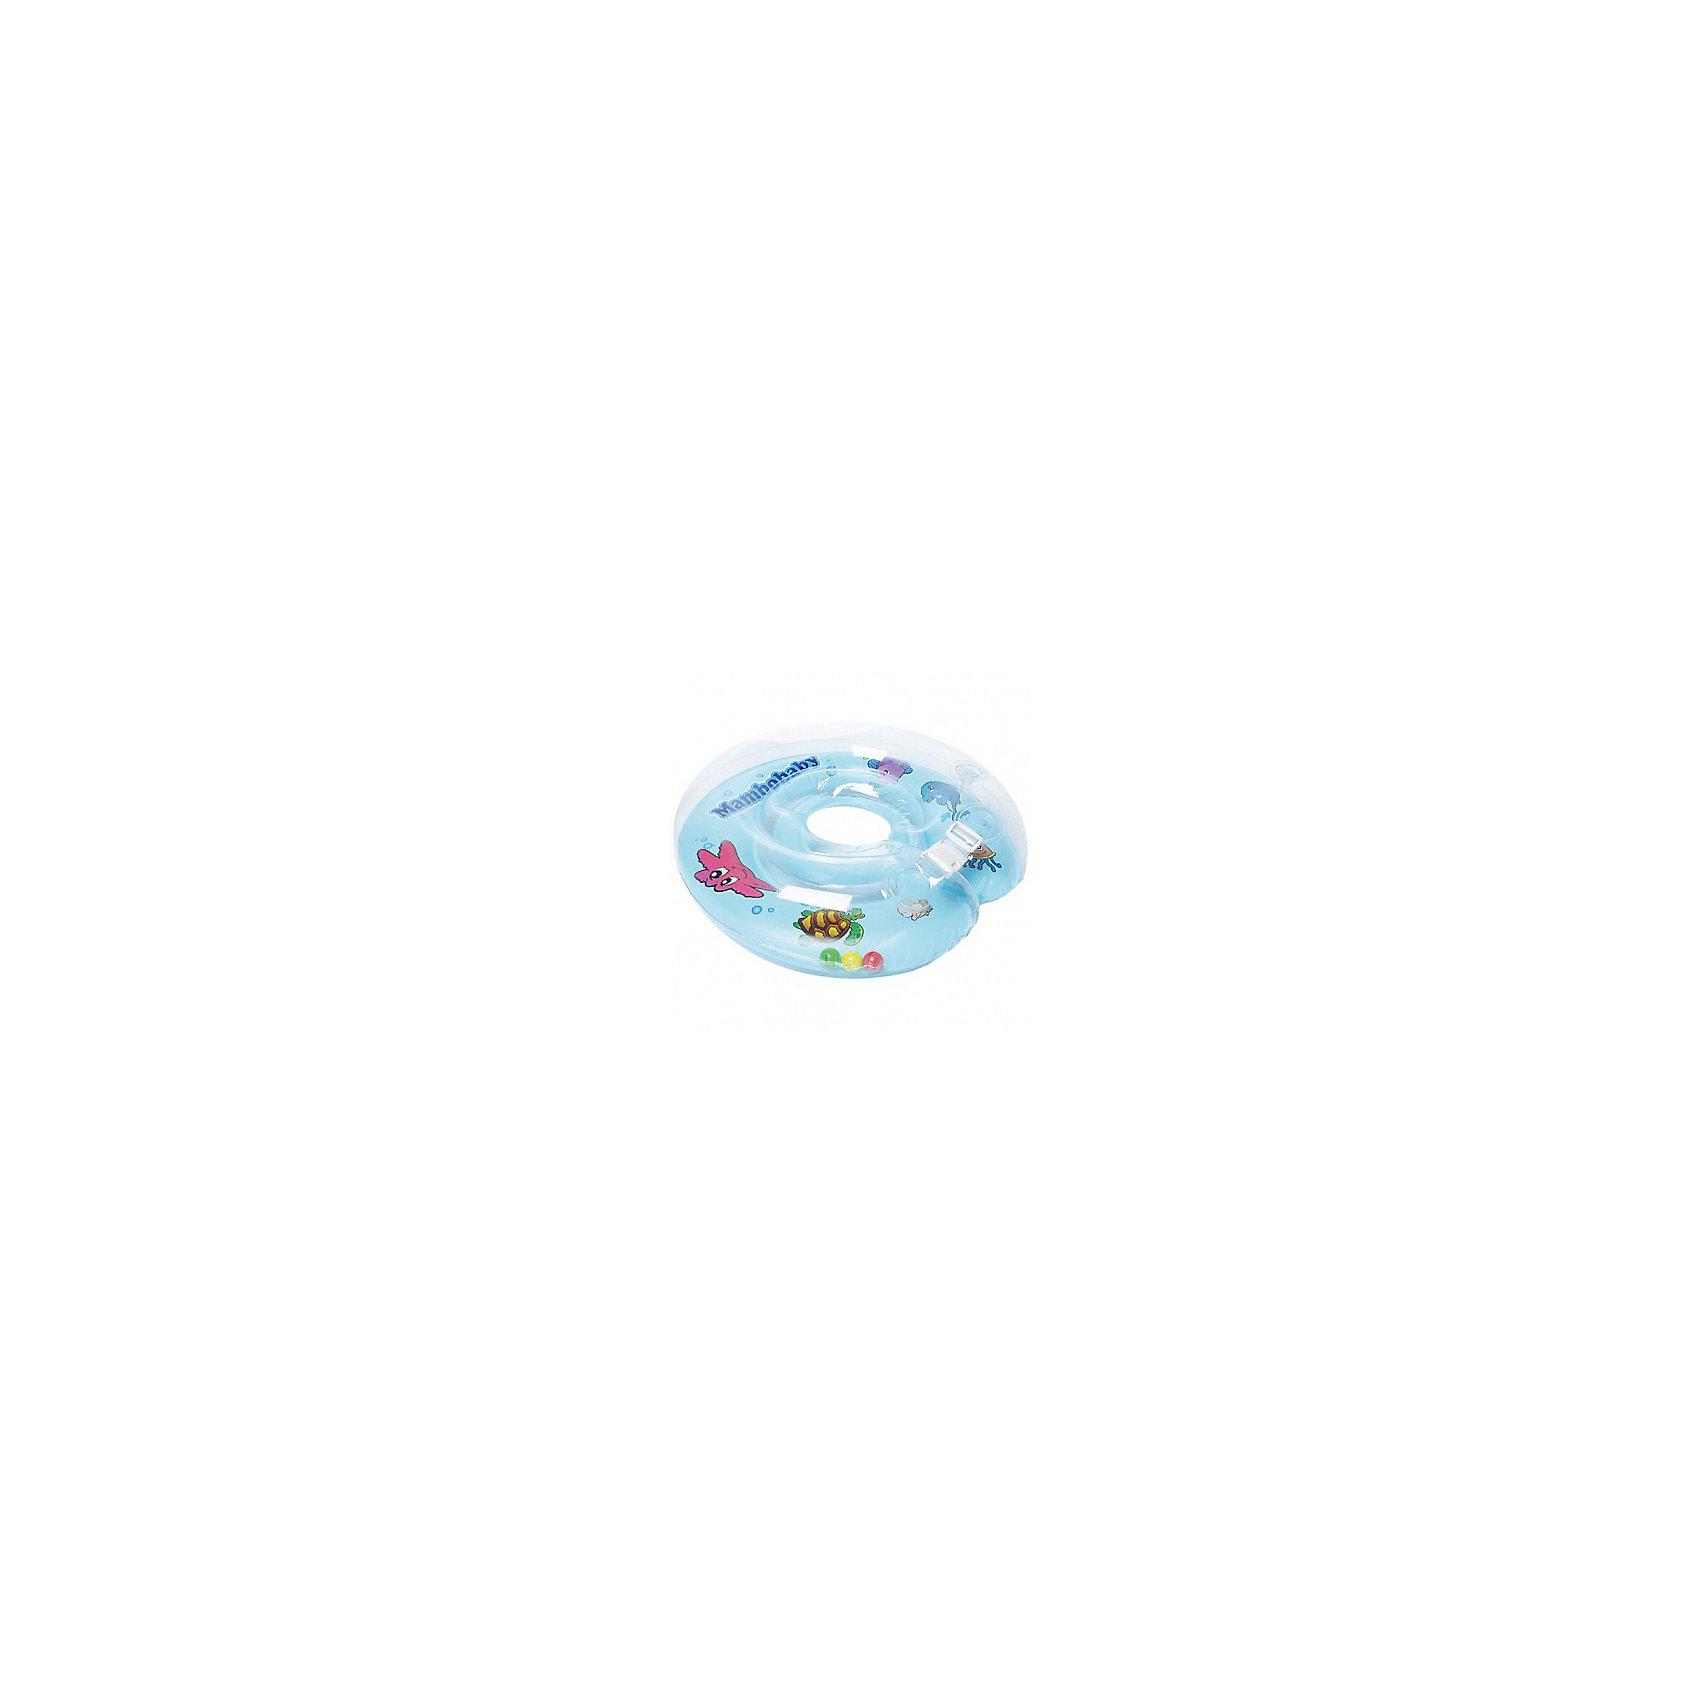 Круг на шею Mambobaby 0-24 мес, Mambobaby, голубойКруги для купания малыша<br>Характеристики круга на шею Mambobaby: <br><br>- вид упаковки: коробка<br>- количество элементов: 1<br>- внутренний диаметр: 90*105<br>- внешний диаметр: 280*310<br>- возраст ребенка: 0-24/6-36<br>- вес ребенка: до 18/до 22<br>- страна производитель: Тайвань<br>- страна бренда Россия, Mambobaby<br>- состоит из 2-х камер. Если с одной что-то произойдет, другая удержит ребенка на плаву и позволит продолжить купание;<br>- специальная выемка на подбородке предотвращает соскальзывание;<br>- пластиковая застежка на верхней камере круга;<br>- прочная липучка на нижней камере круга;<br>- обеспечивает безопасность во время купания;<br>- рассчитан на вес ребенка до 18 кг;<br>- размер: внутренний диаметр - 9 см, внешний диаметр - 28 см.<br>- материал: ПВХ.<br>- цвет: голубой<br>- в комплекте: круг, ручной насос.<br><br>Хотите купать ребенка максимально просто, чтобы купание доставляло удовольствие и приносило пользу? В этом Вам поможет красивый и практичный круг на шею для купания торговой марки Mambobaby. Внутренний конур имеет всего 9см, а значит он не буде давить ребенку на шею, но и не позволит ему выскользнуть из круга. Кроме того, ребенок дополнительно фиксируется дополнительной выемкой для подбородка.<br>На круге имеются ручки, за которые очень удобно катать малыша по воде или просто придерживать его.<br><br>Круг на шею торговой марки Mambobaby можно купить в нашем интернет-магазине.<br><br>Ширина мм: 250<br>Глубина мм: 250<br>Высота мм: 150<br>Вес г: 600<br>Возраст от месяцев: 0<br>Возраст до месяцев: 24<br>Пол: Унисекс<br>Возраст: Детский<br>SKU: 5144757